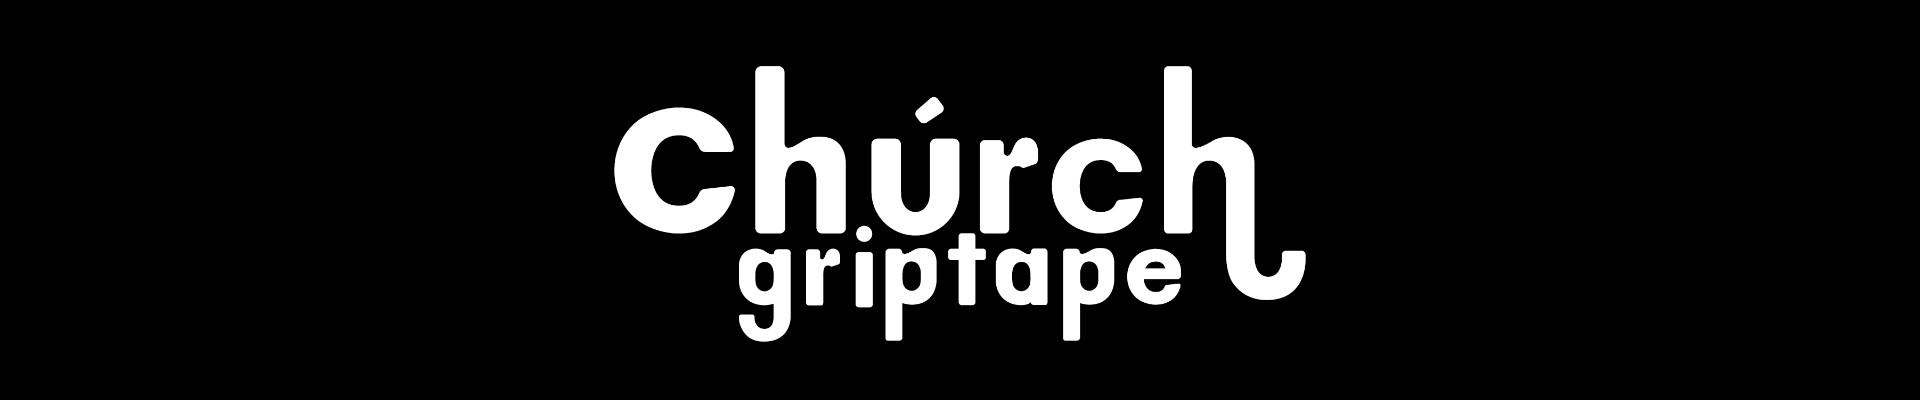 church crip